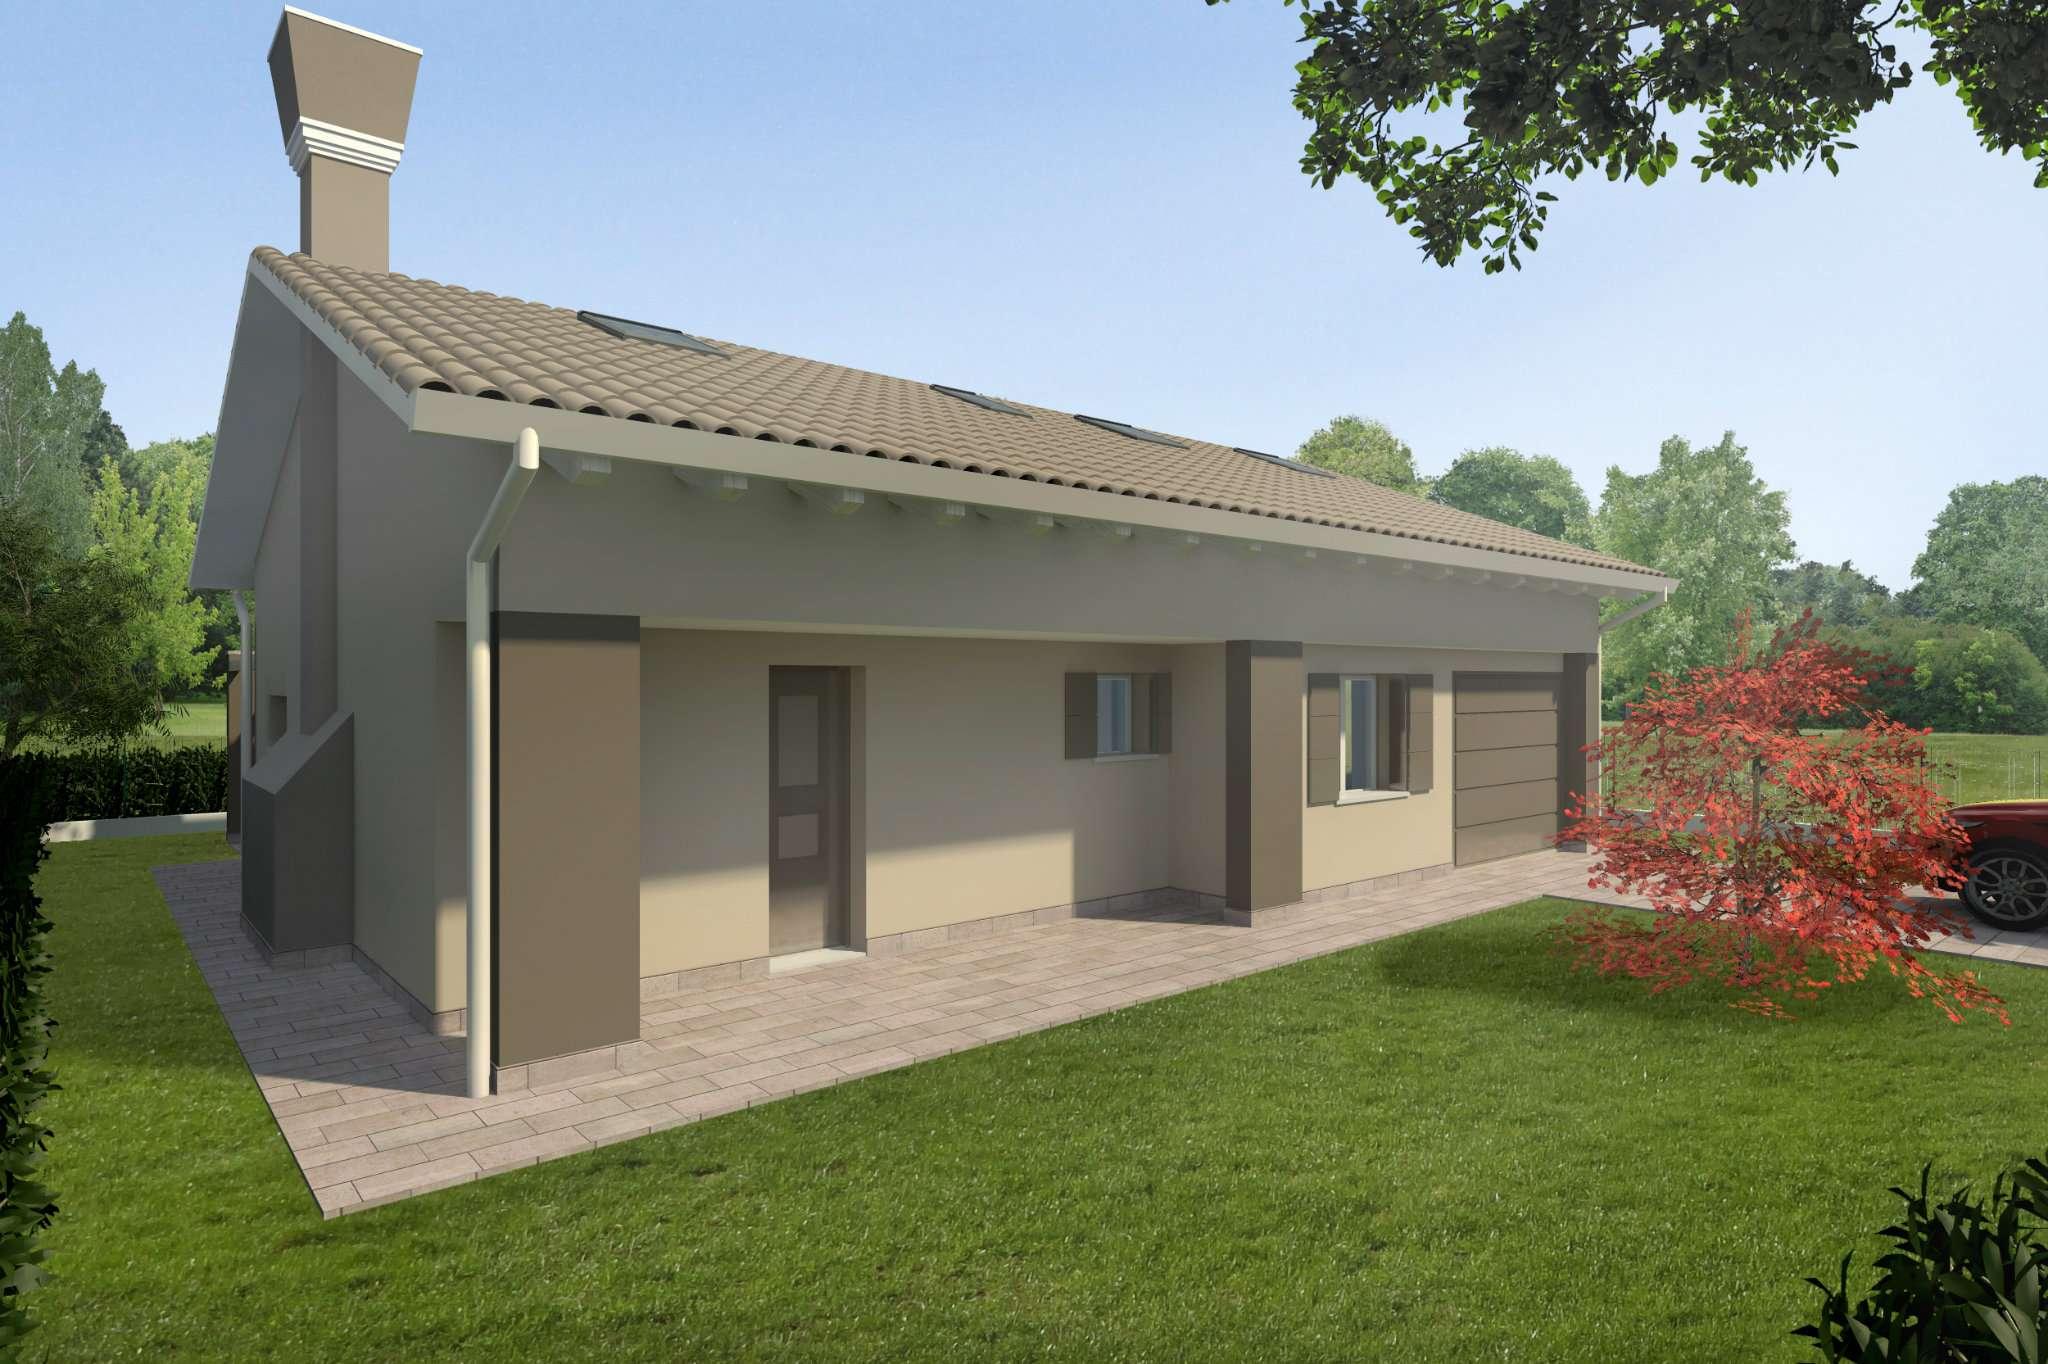 Soluzione Indipendente in vendita a Martellago, 5 locali, prezzo € 340.000 | Cambio Casa.it